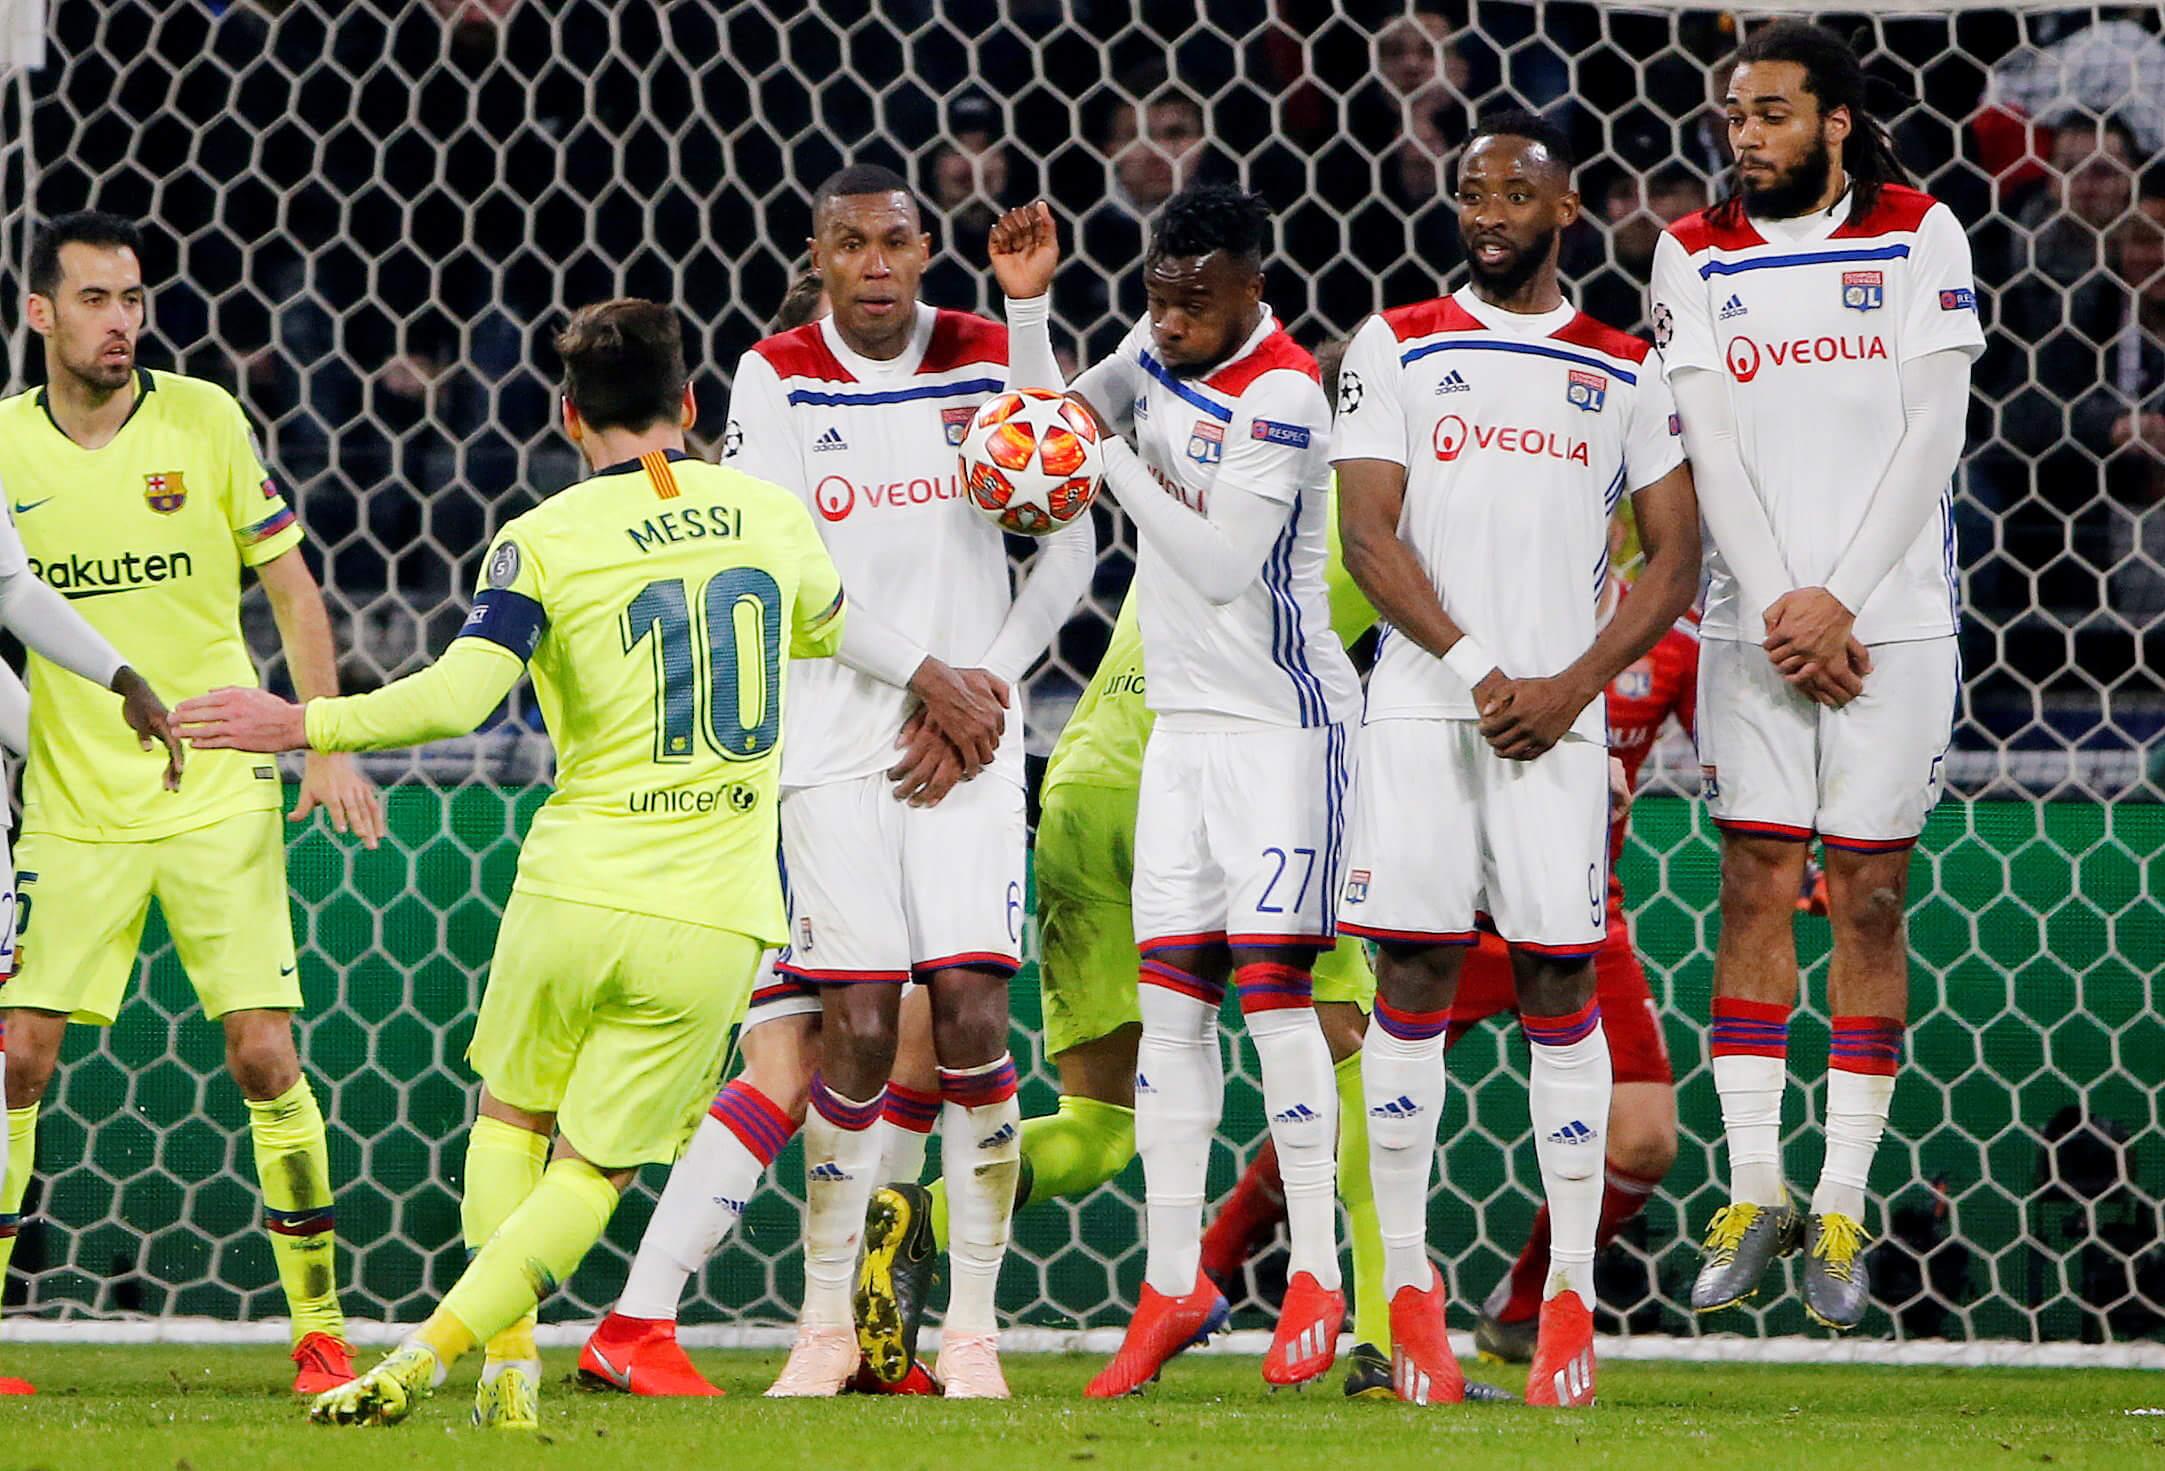 Λήστεψαν παίκτες της Λιόν την ώρα που αντιμετώπιζαν την Μπαρτσελόνα!